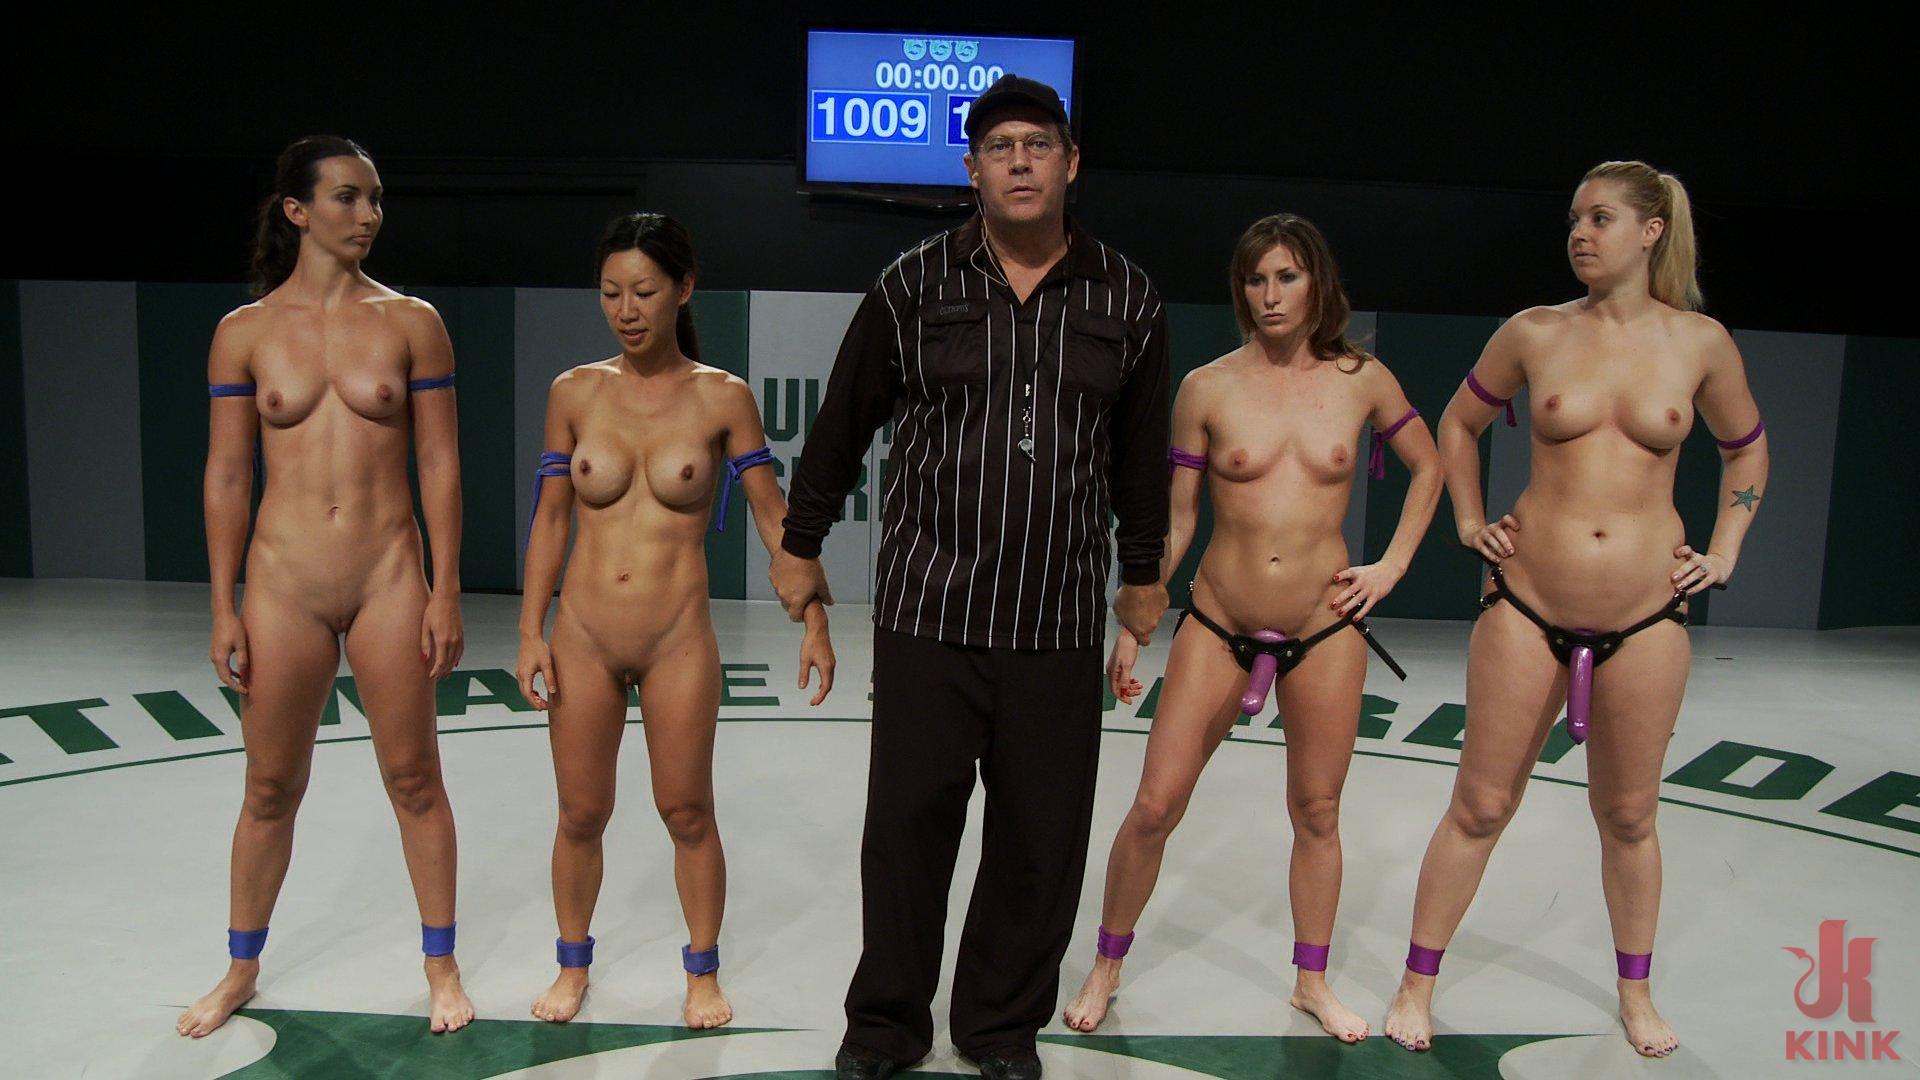 naked women intercourse photos